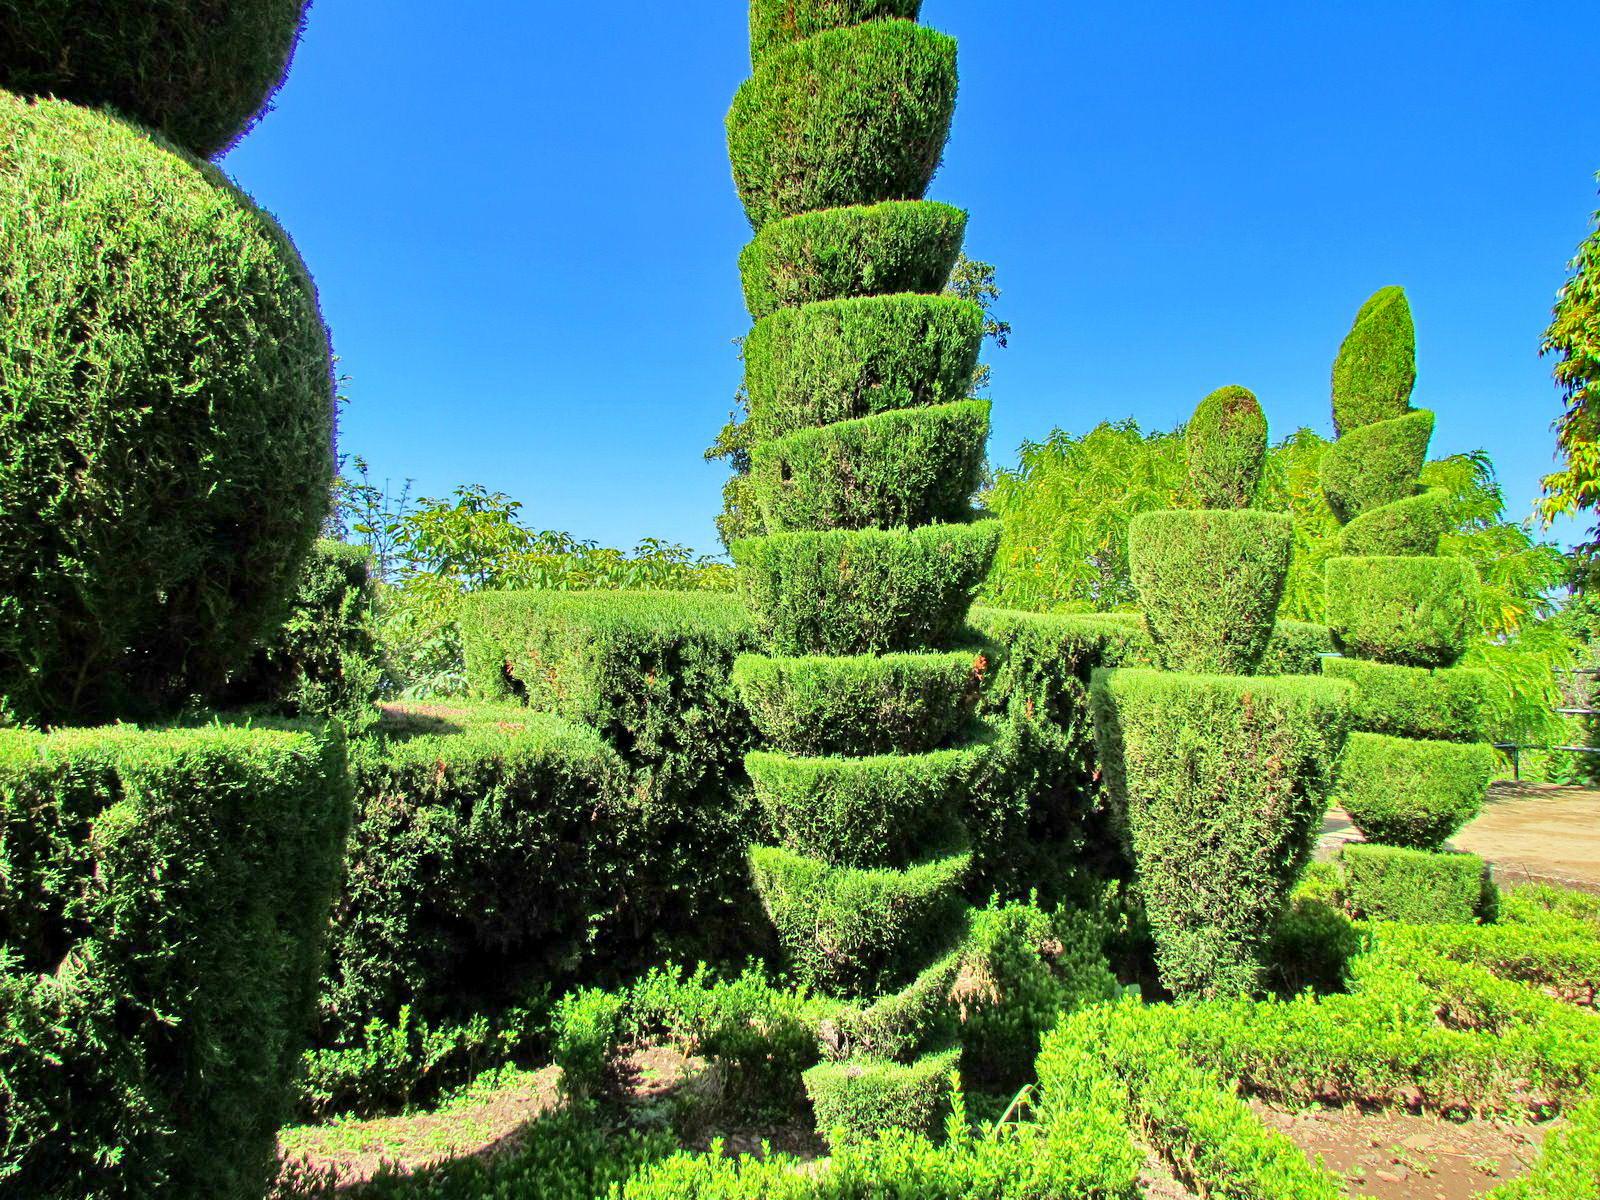 art in a garden